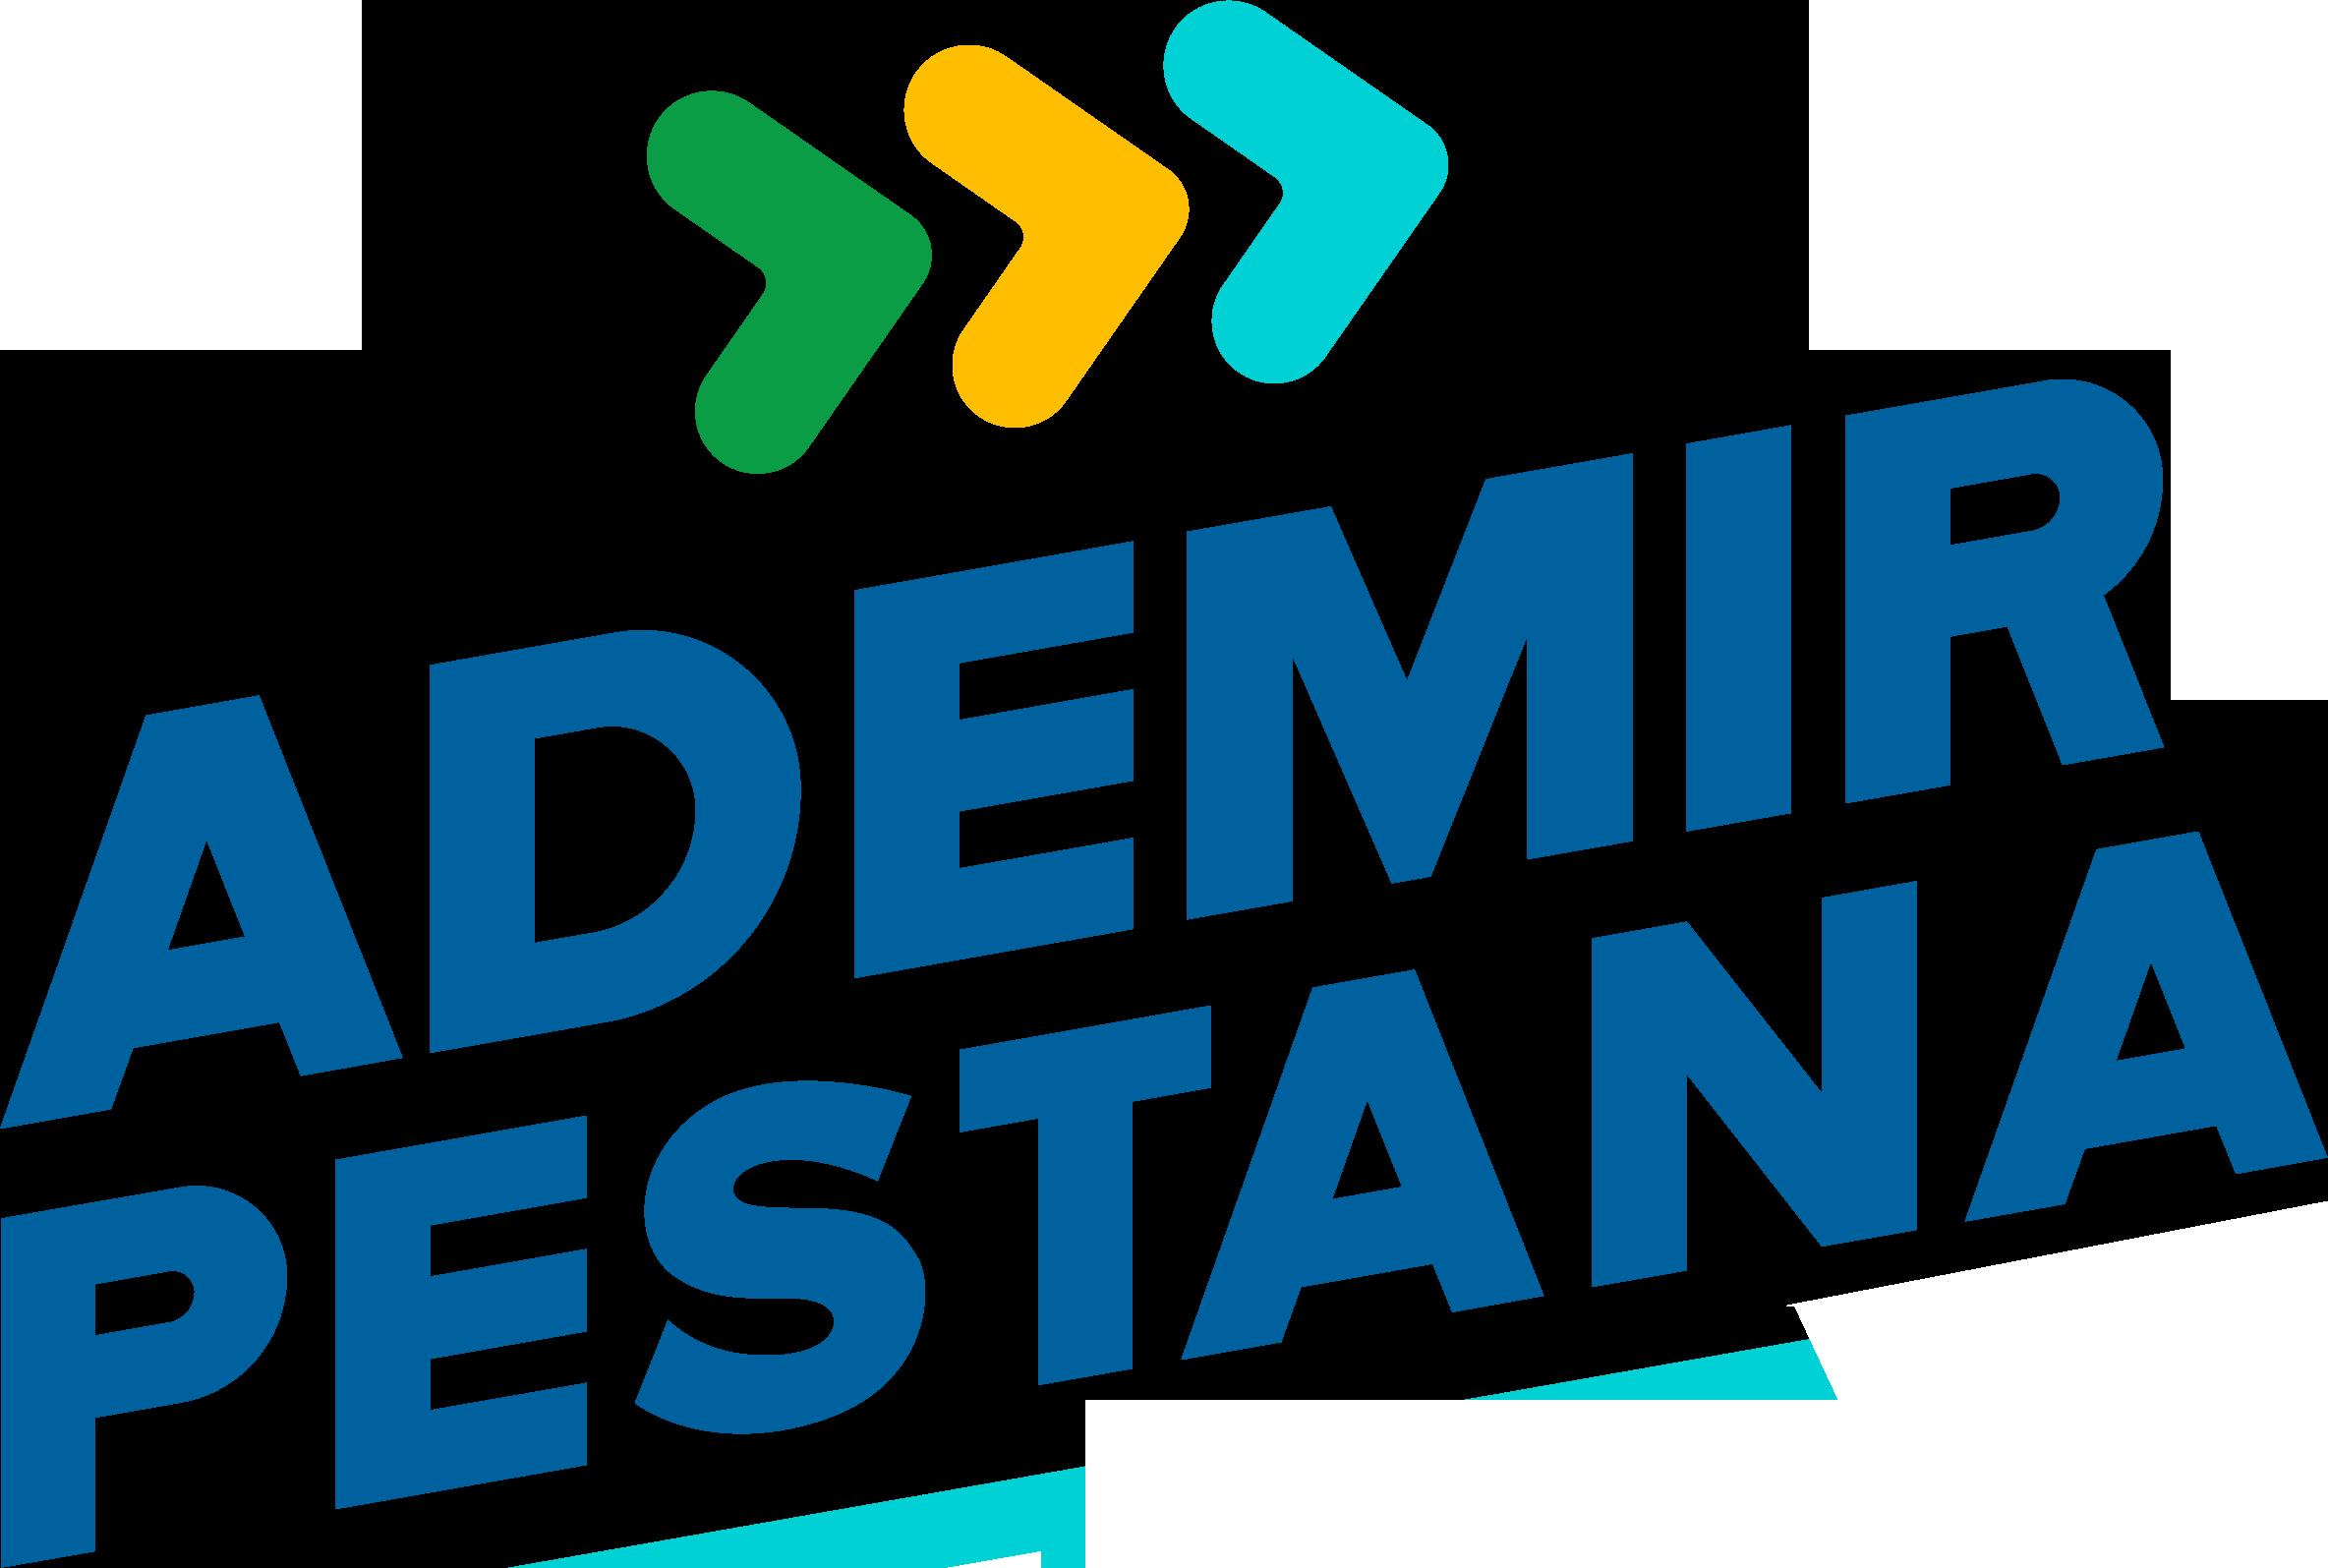 Ademir Pestana